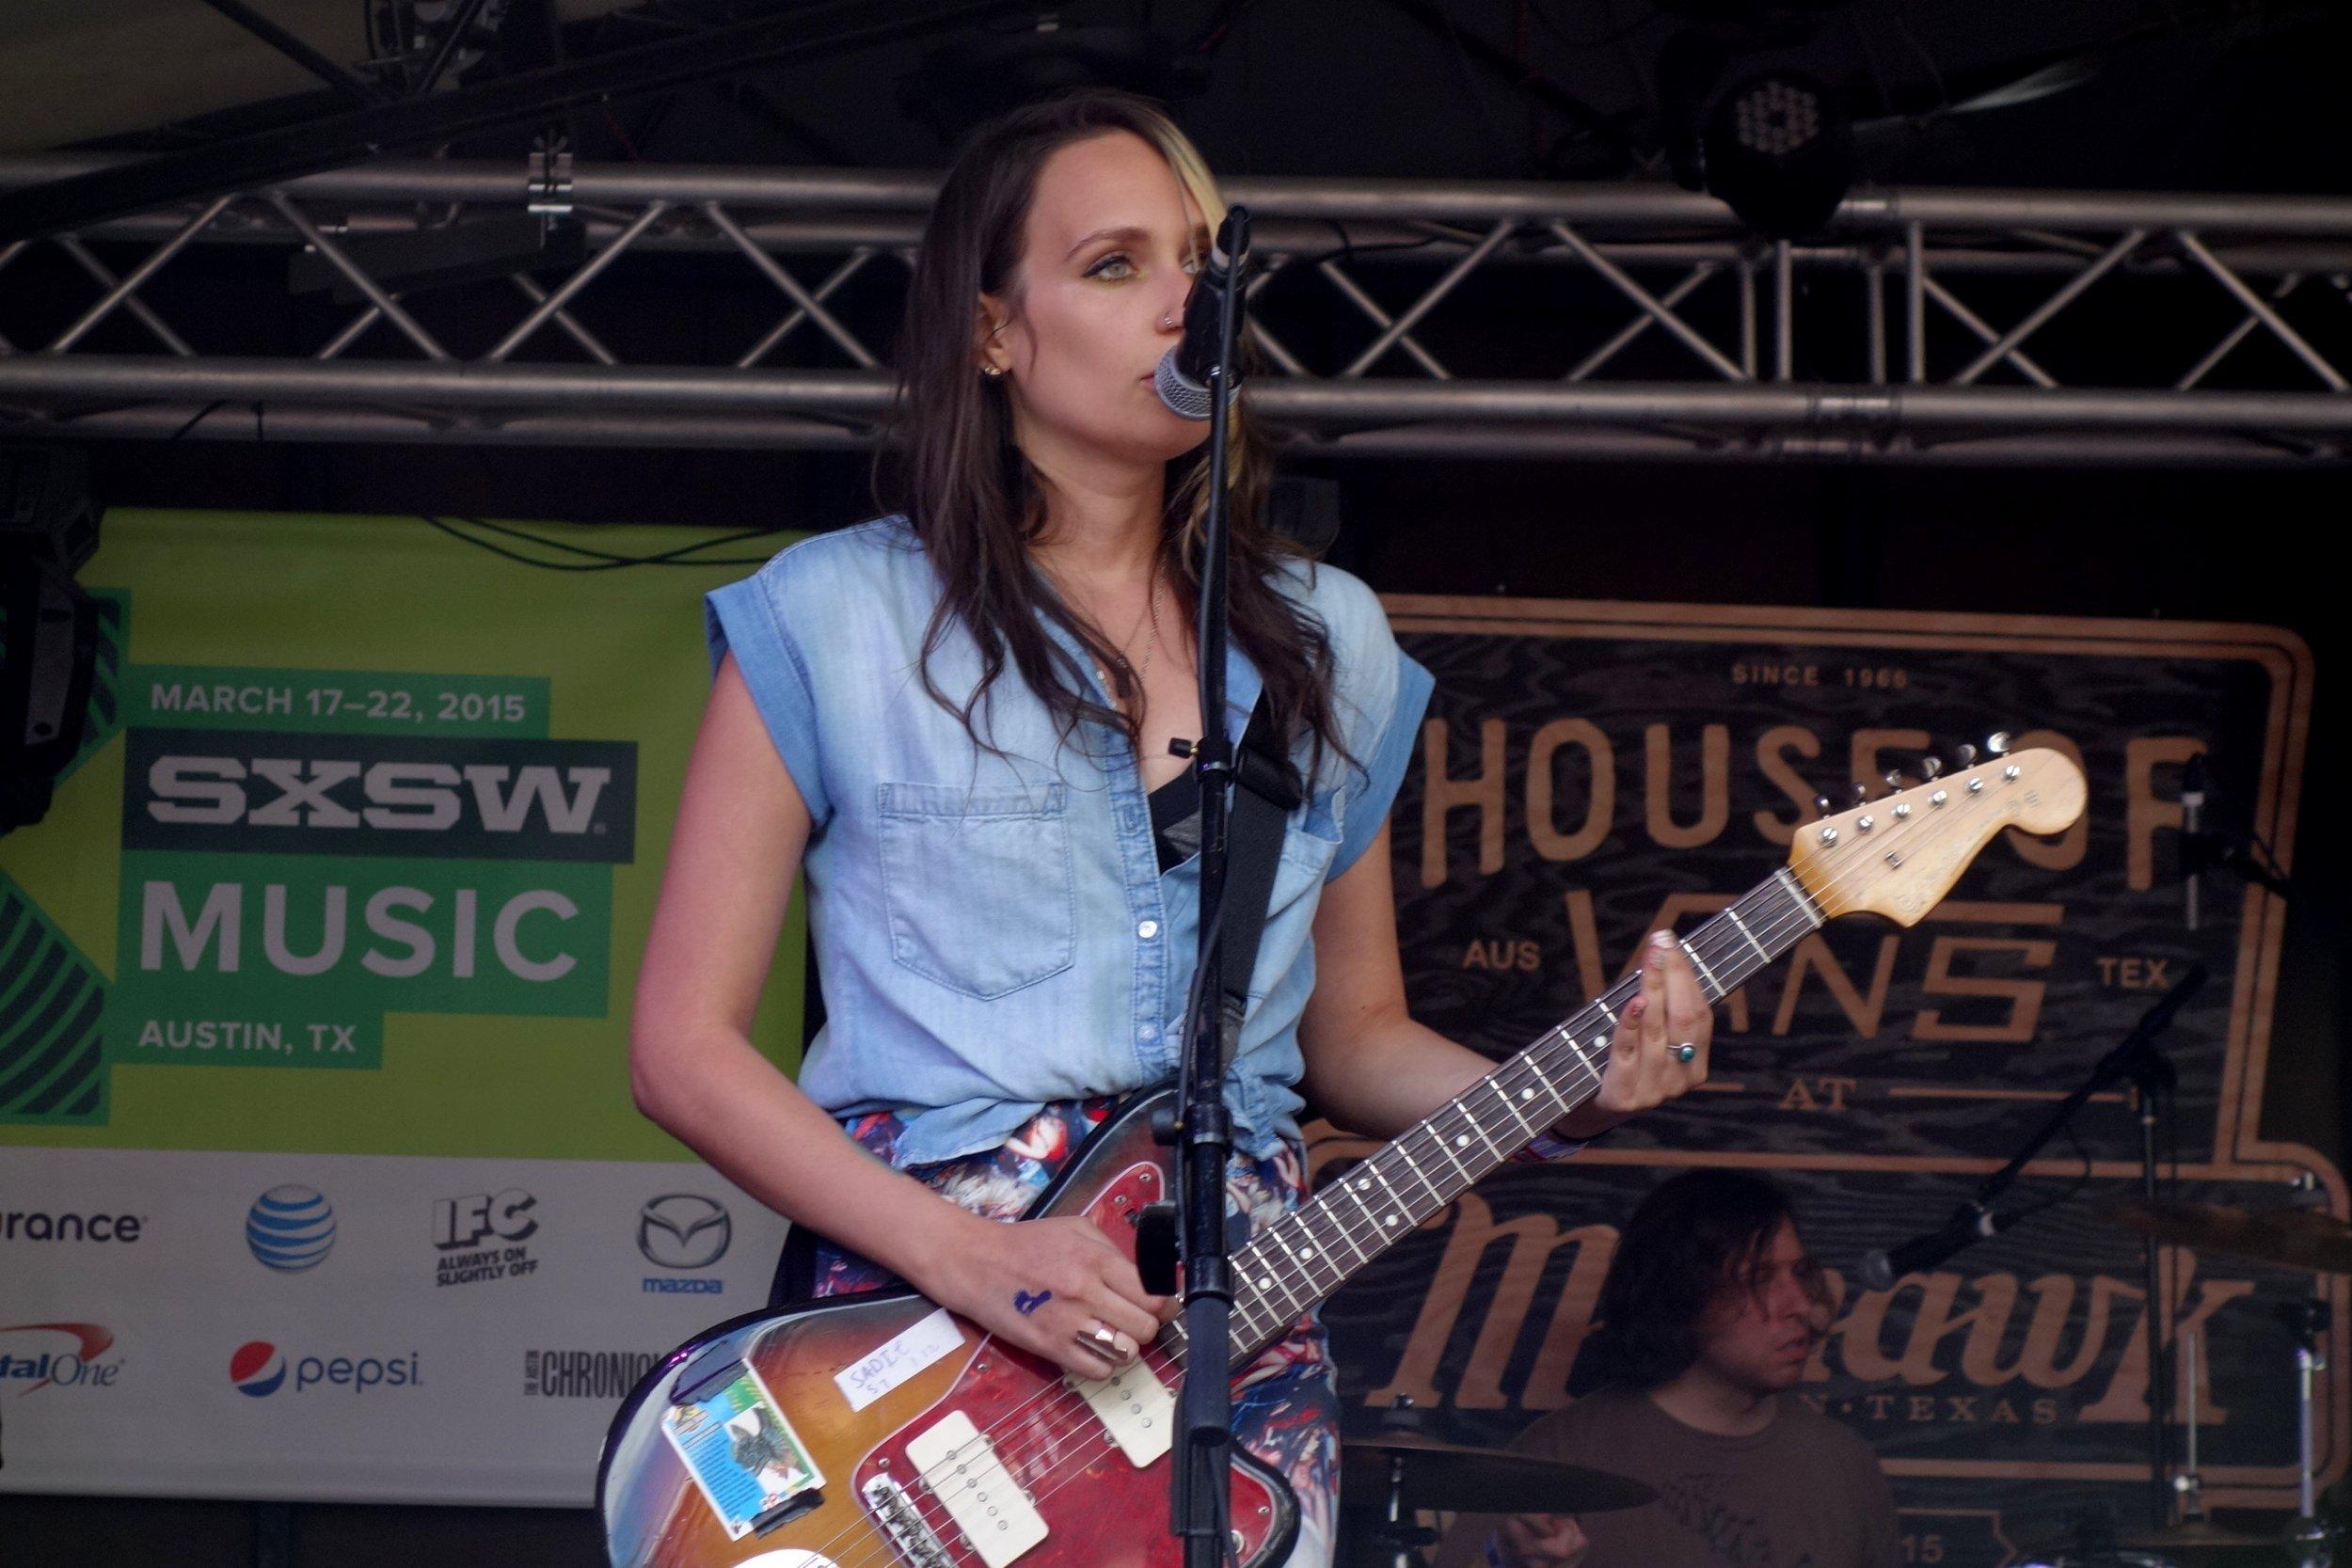 Sadie Dupuis